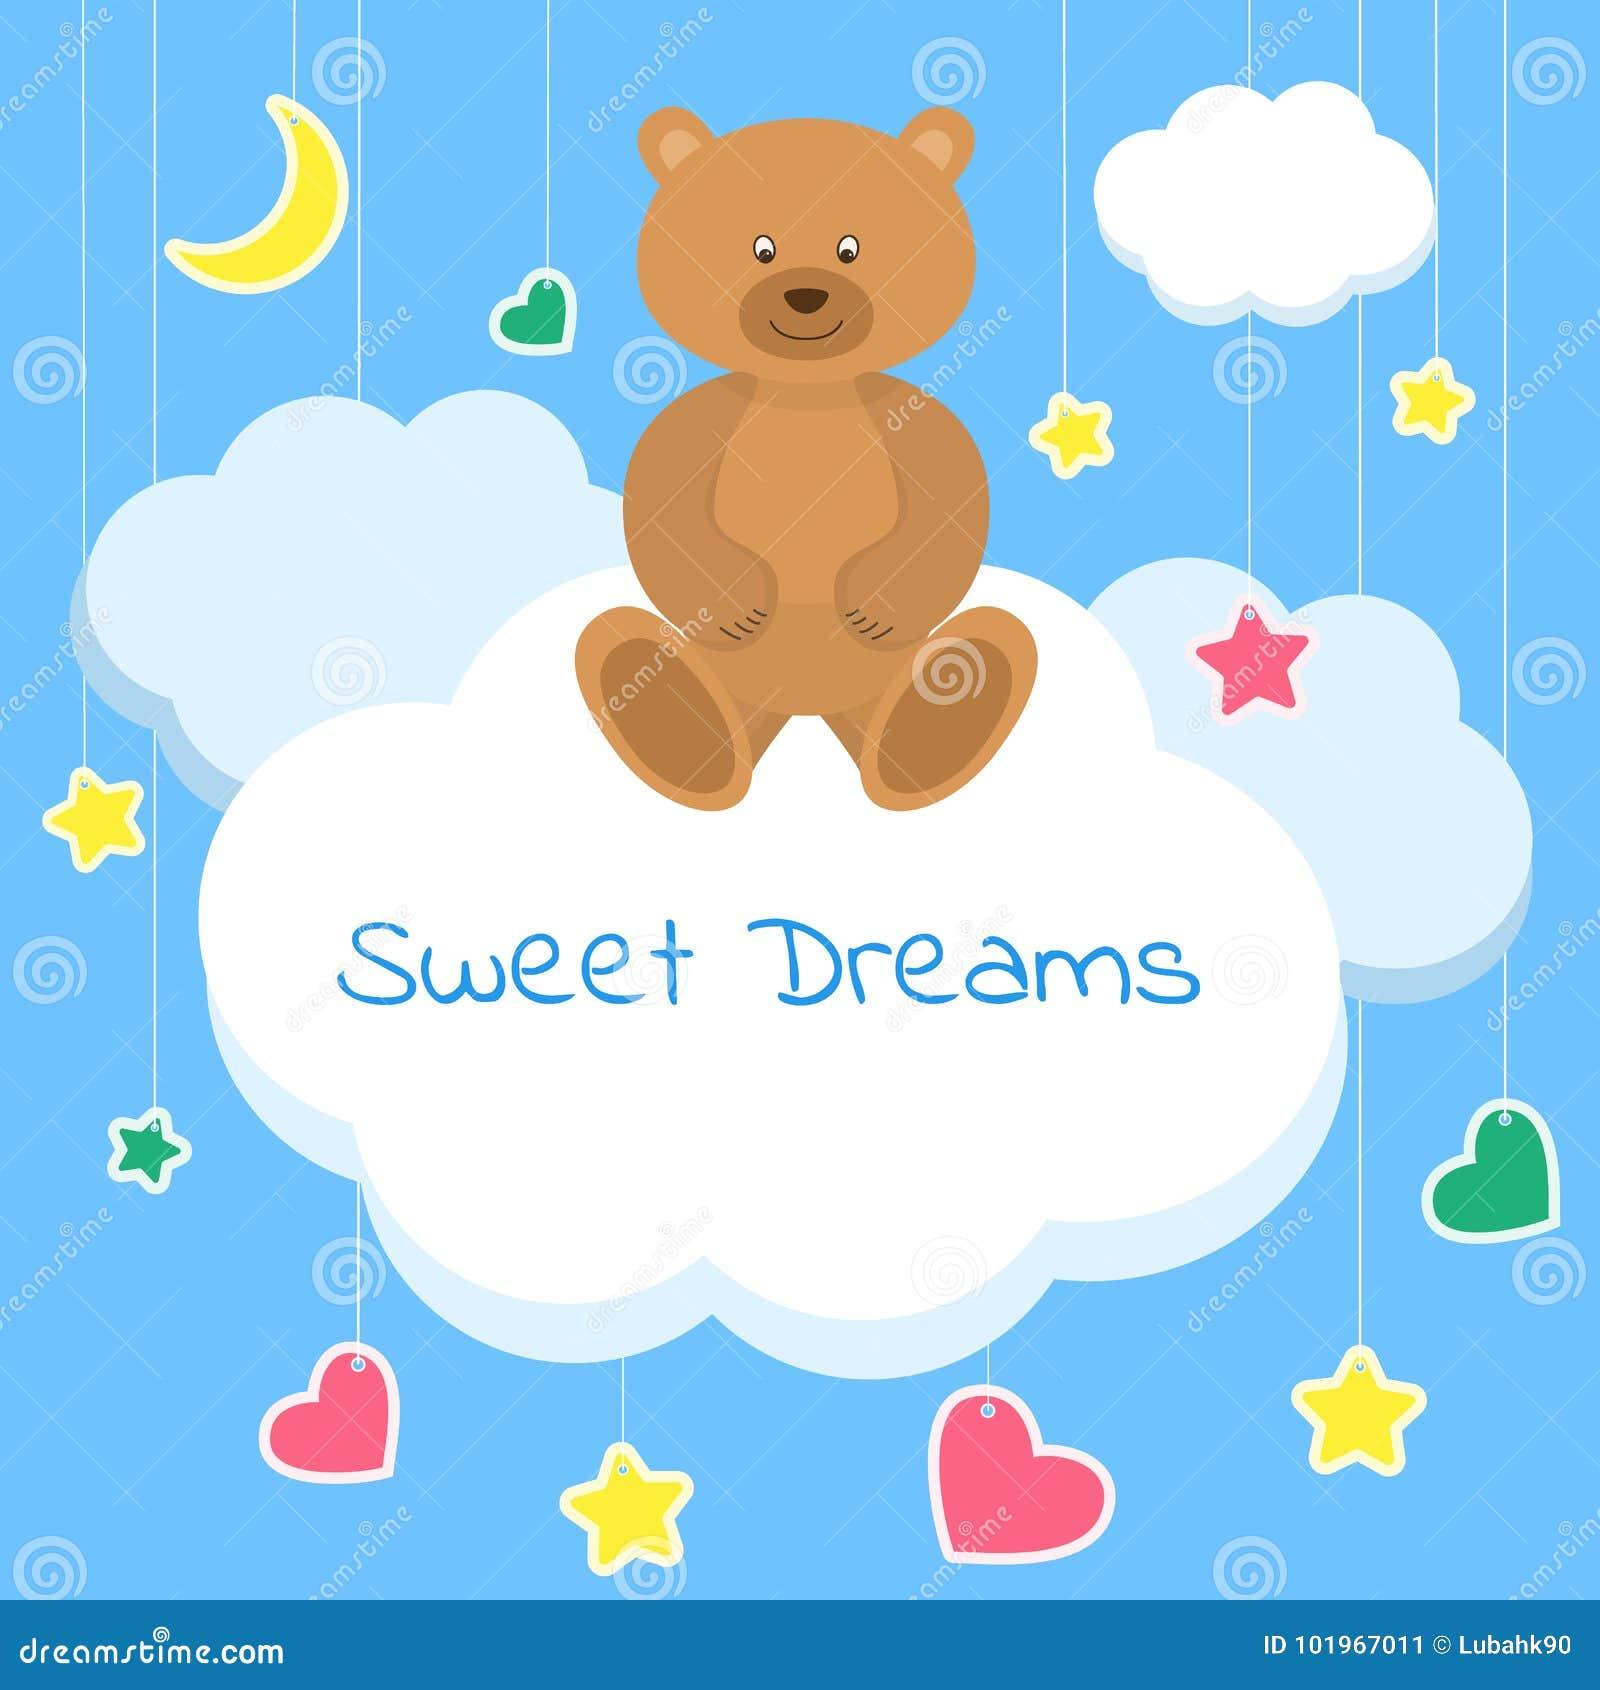 Mooie Slaapkamer Voor Kinderen.Zoete Dromen Kleurrijke Vectorillustratie Slaapconcept Mooie Affiche